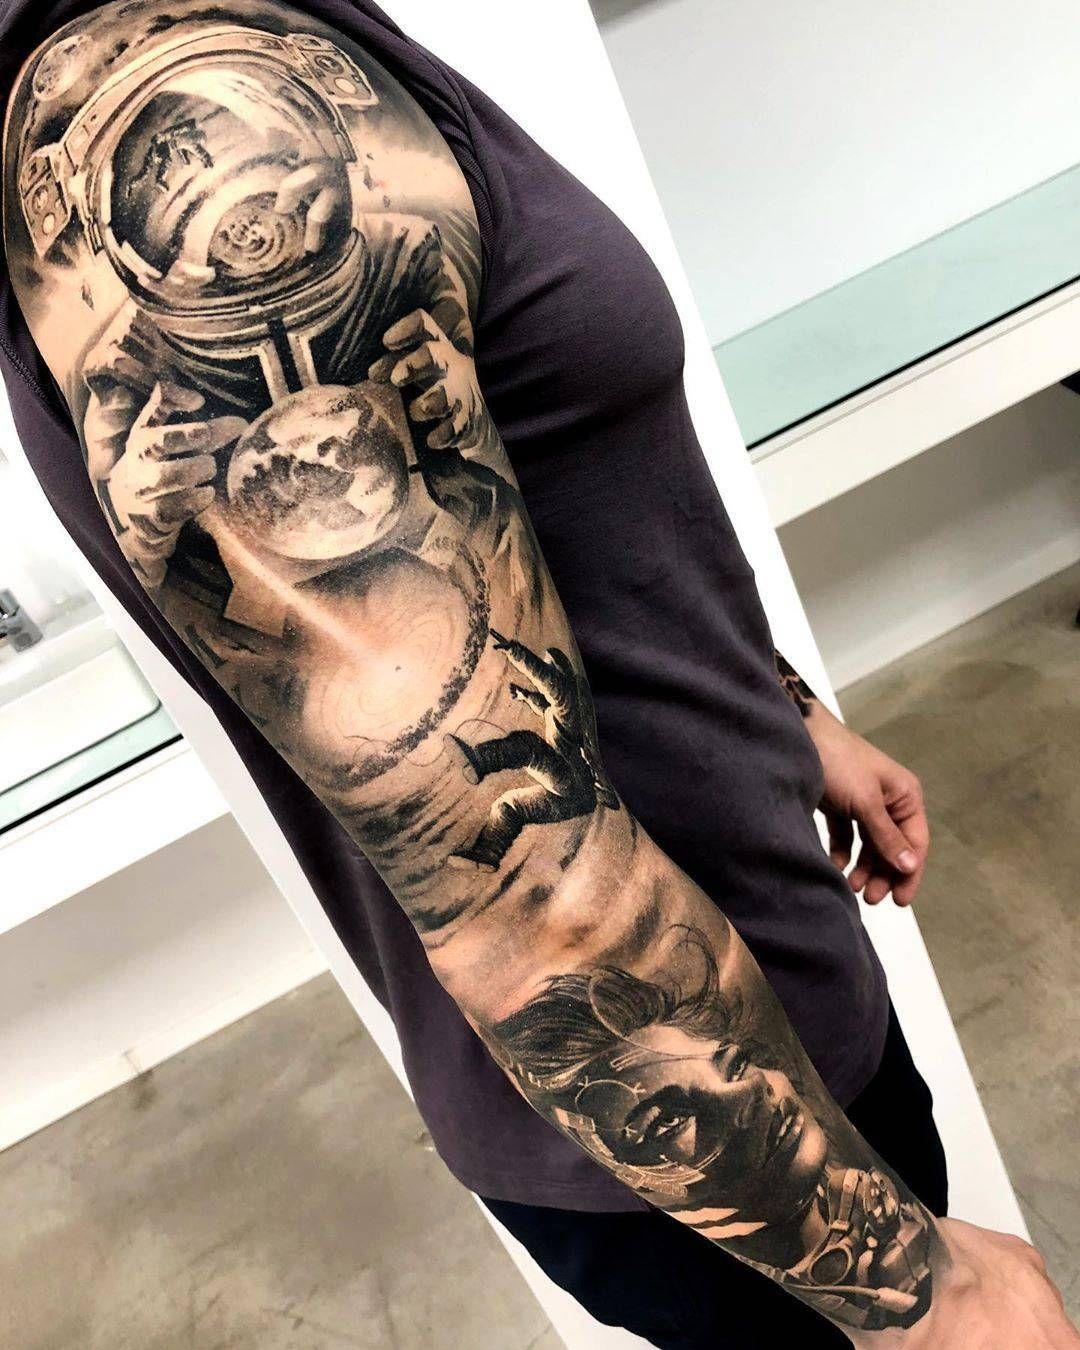 Best Black And Grey Realism Tattoo Artists Near Me Https Blackwork Tattoo Web App Best Black And Grey Space Tattoo Sleeve Space Tattoo Portrait Tattoo Sleeve